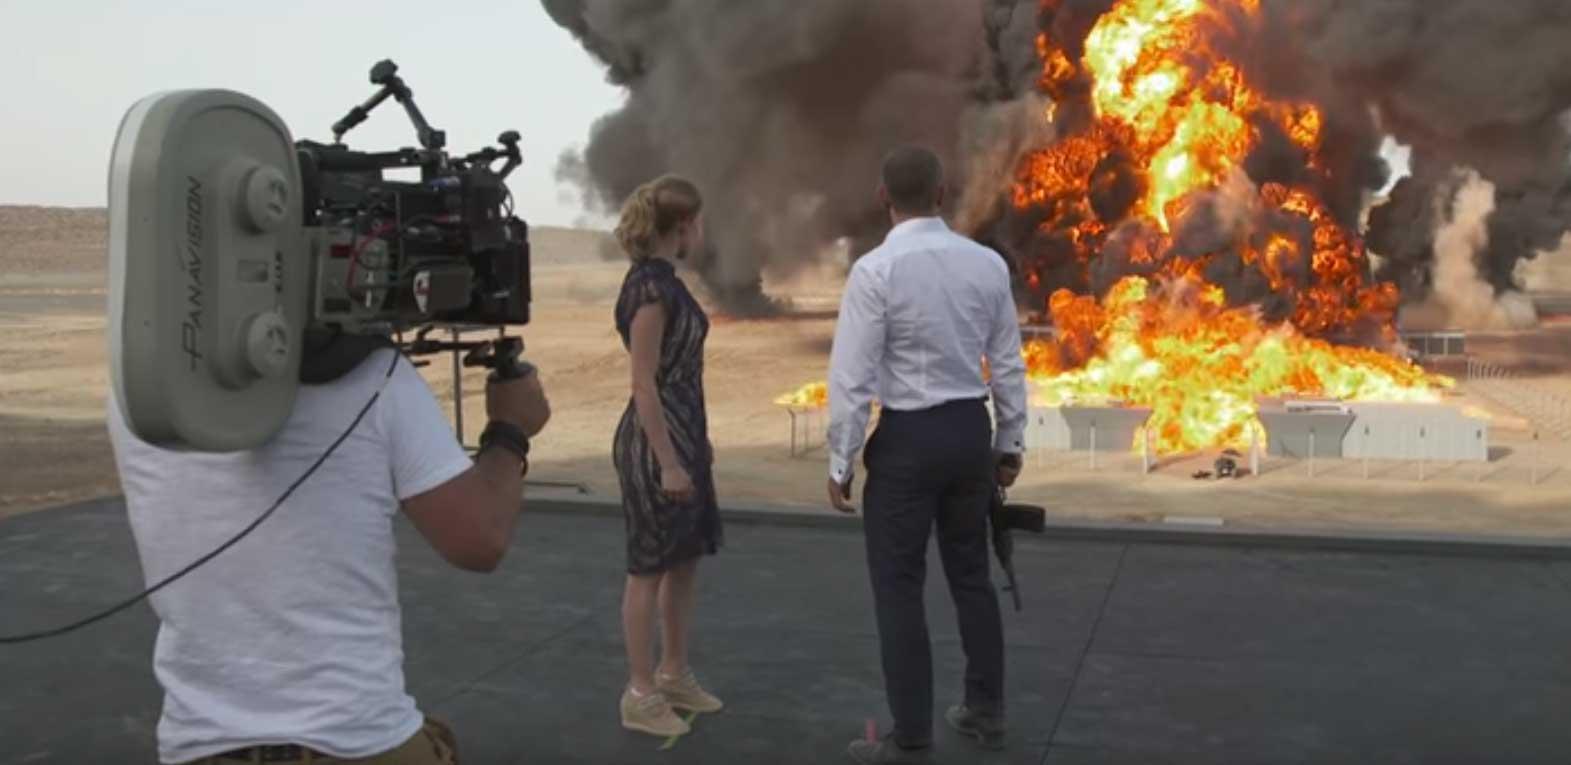 Scena sa snimanja jednog od filmova o Jamesu Bondu